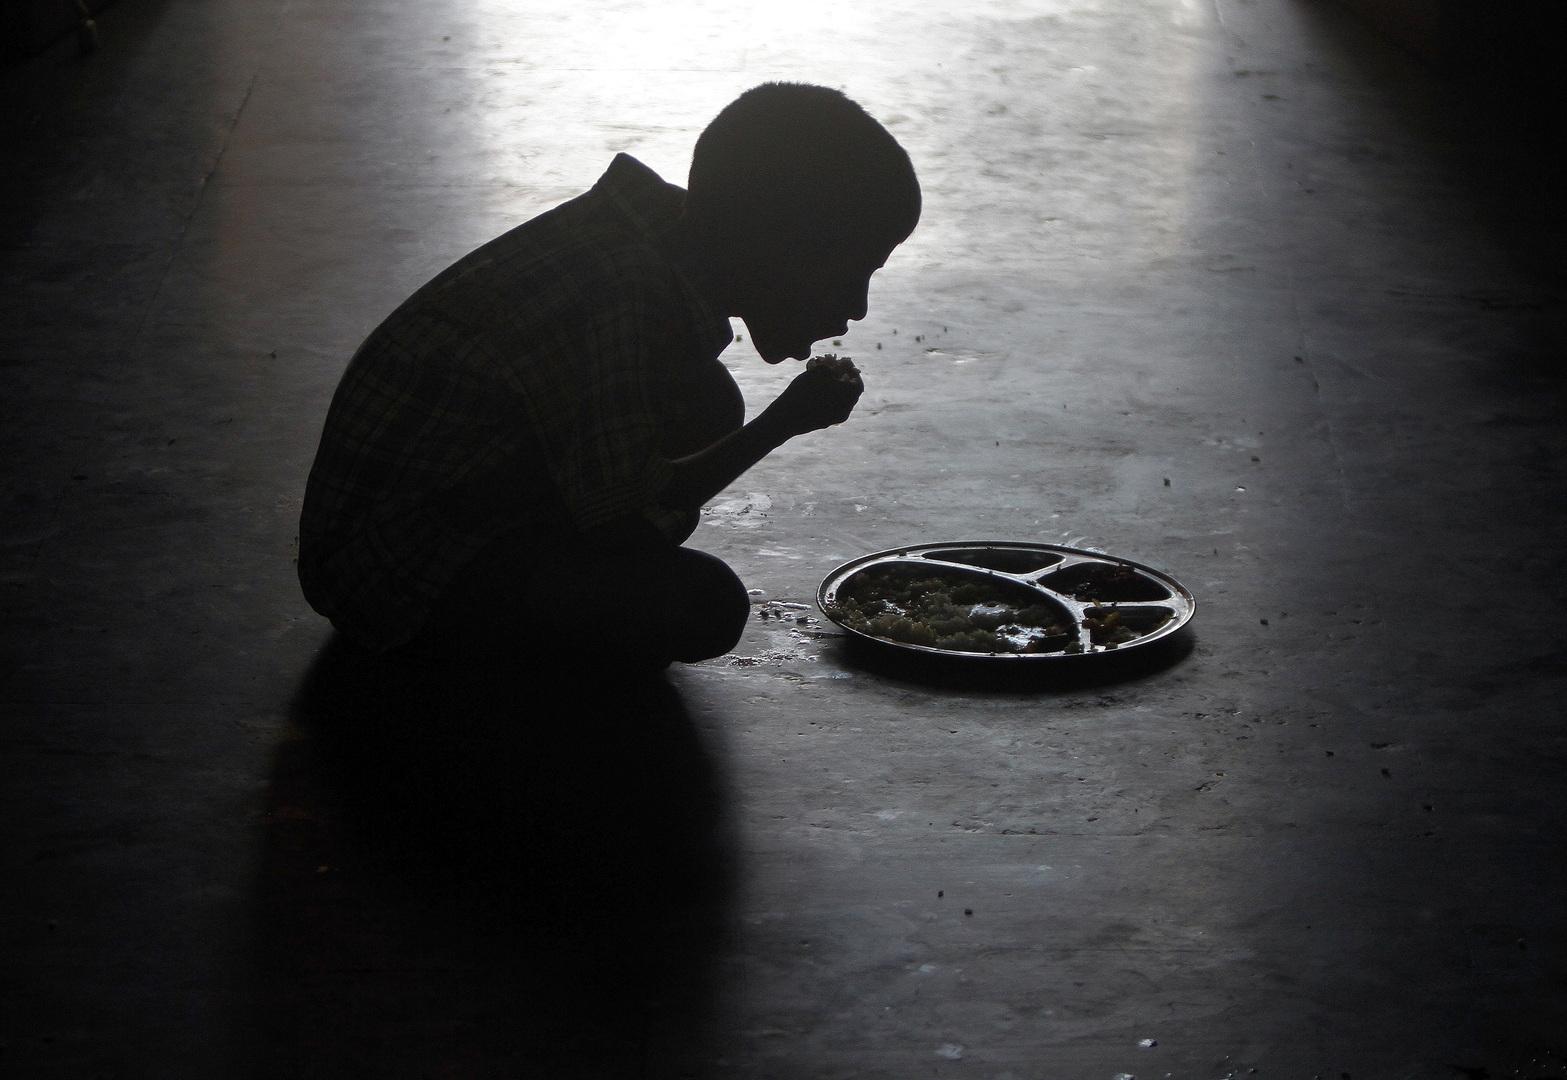 الأمم المتحدة: عدد المعرضين للجوع في العالم قد يتضاعف بسبب تفشي كورونا